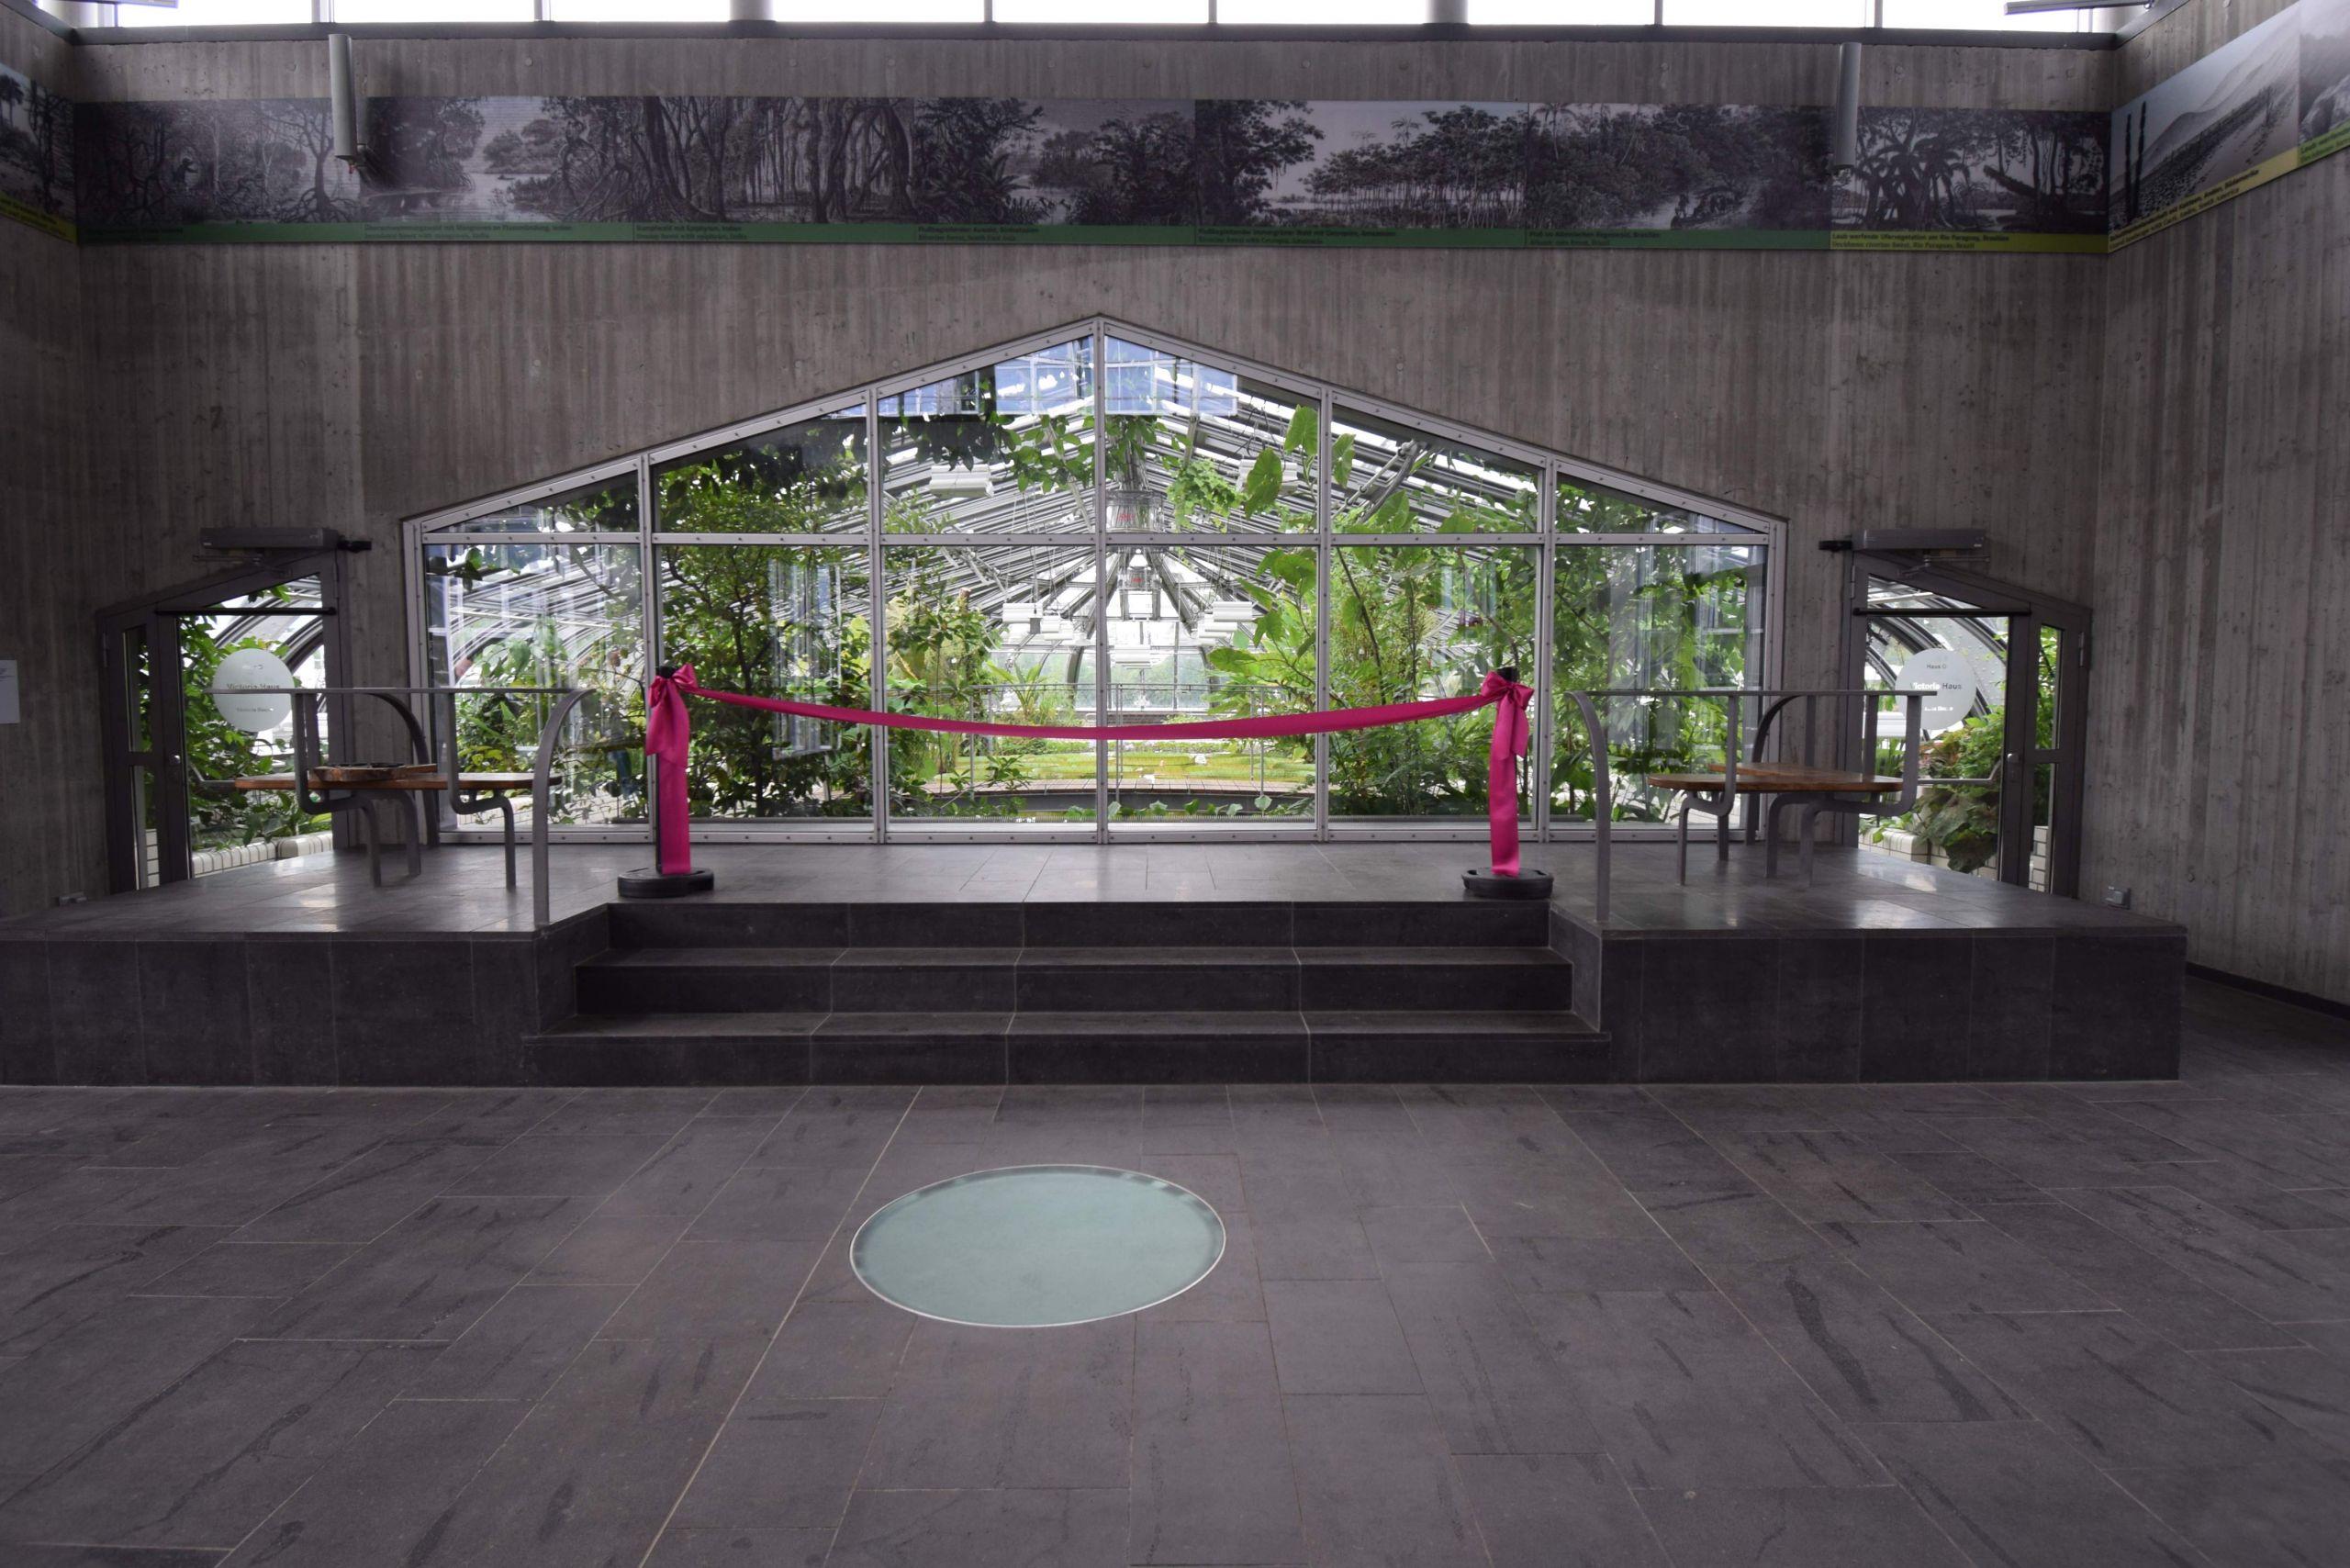 dsc 0960c chr hillmann huber botanischer garten und botanisches museum berlin